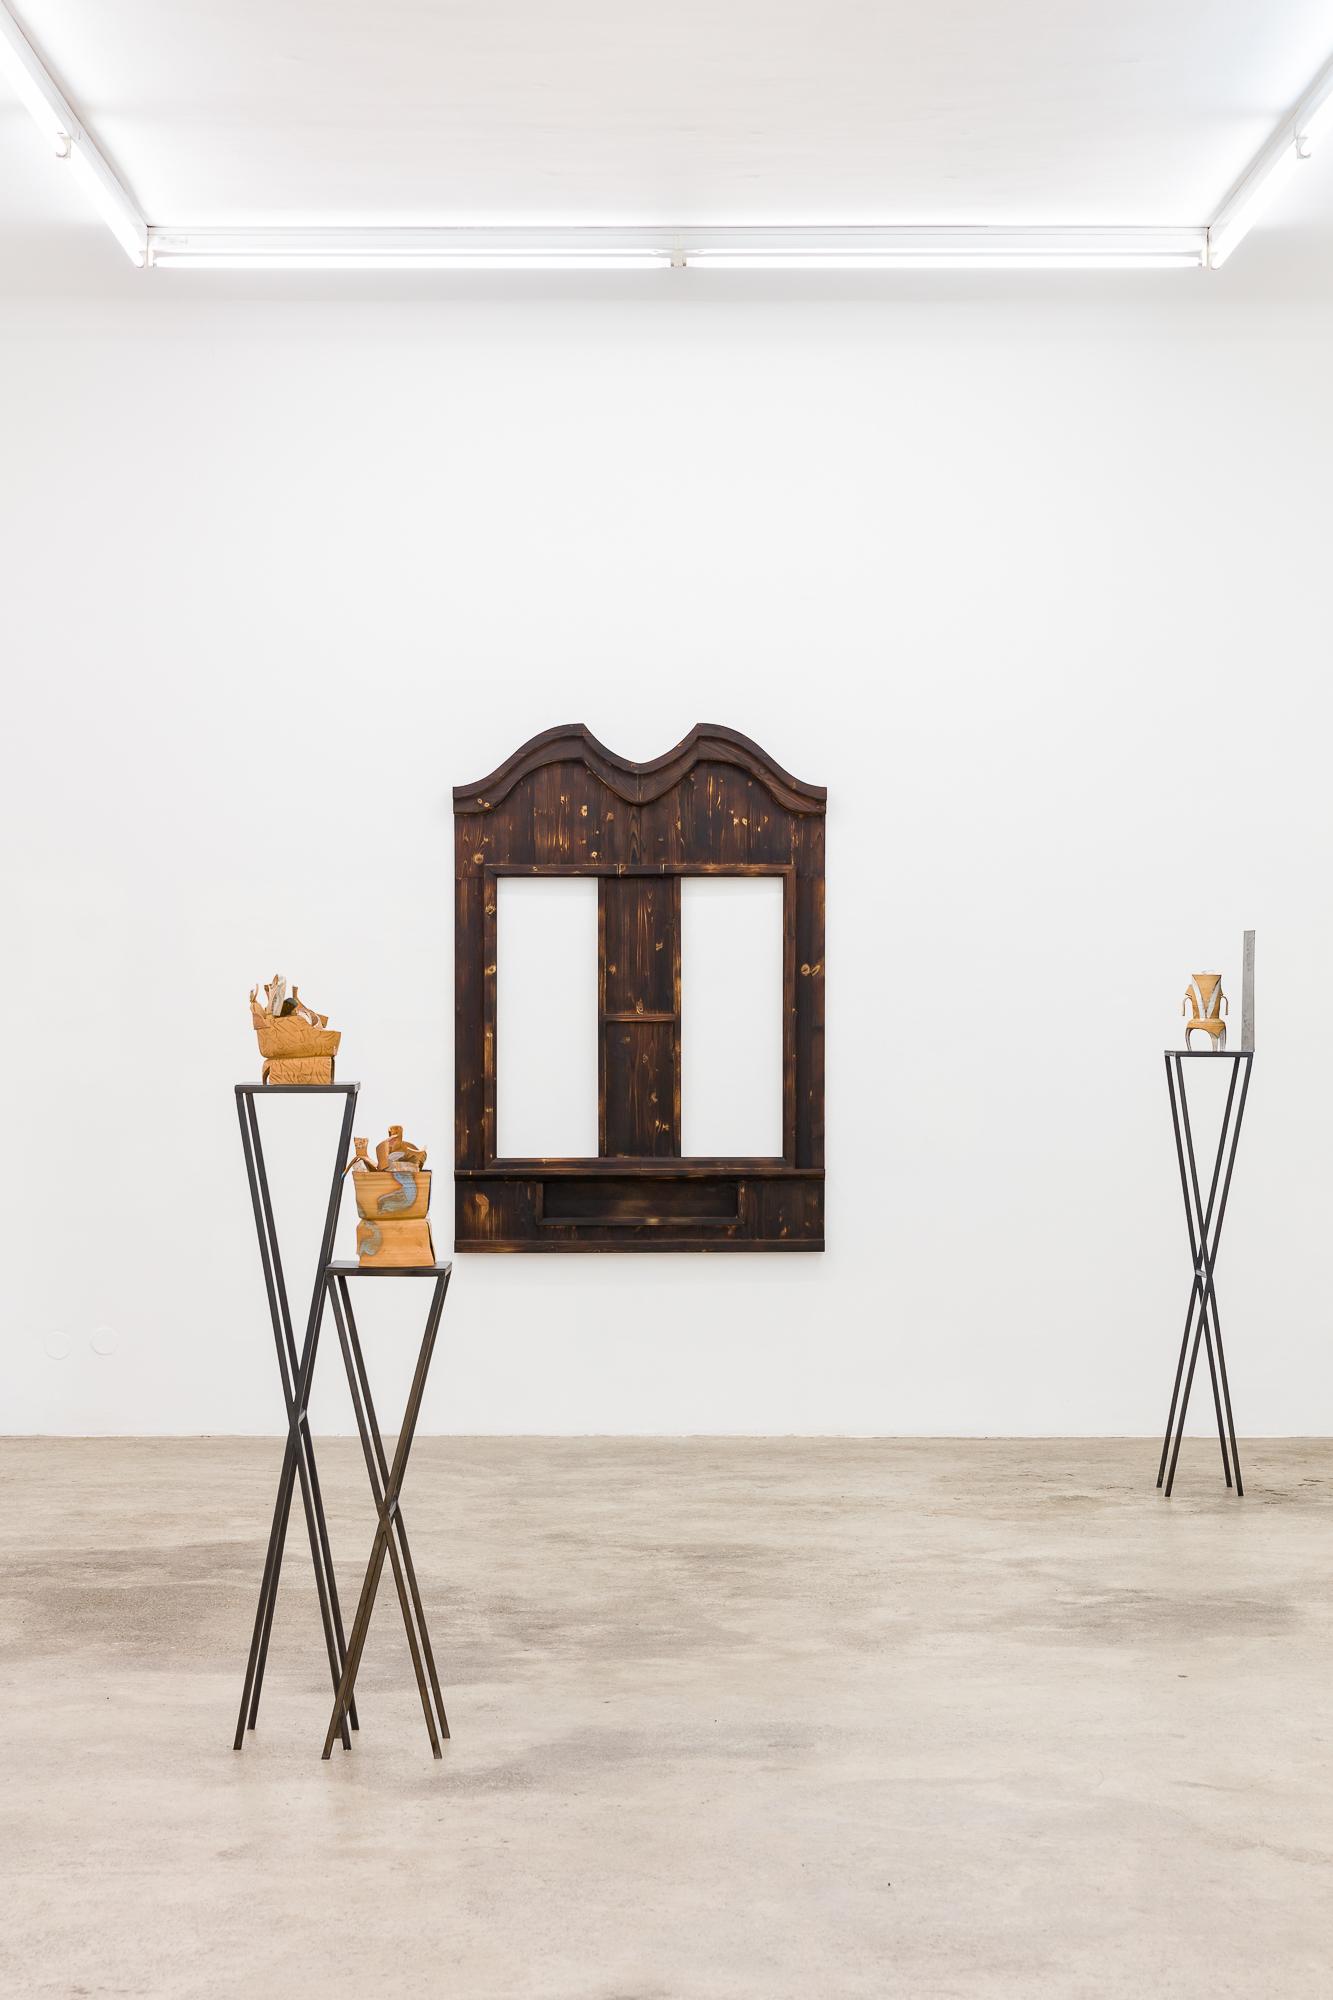 2019_01_24_Irina Lotarevich und Anna Schachinger_Sophie Tappeiner_by_kunstdokumentationcom_004_web.jpg